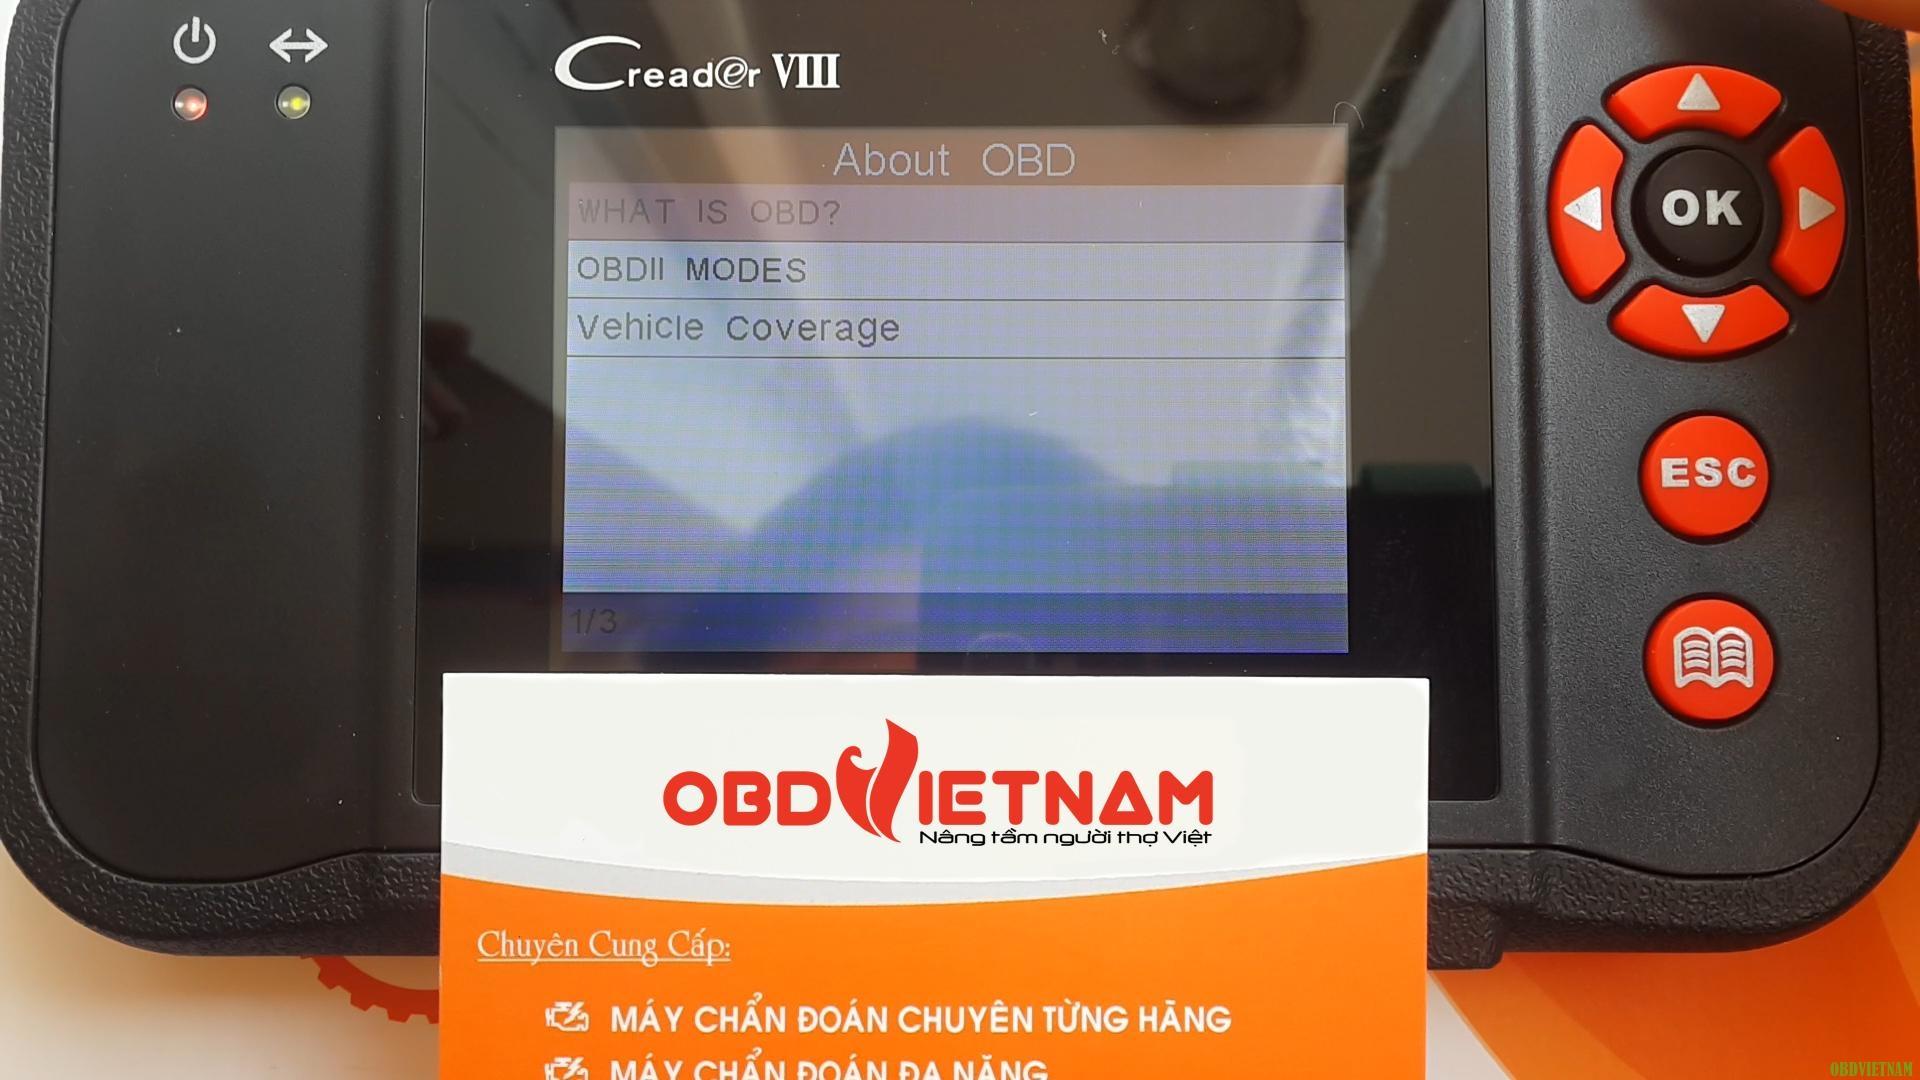 Máy Chẩn Đoán Đa Năng Launch Creader VIII